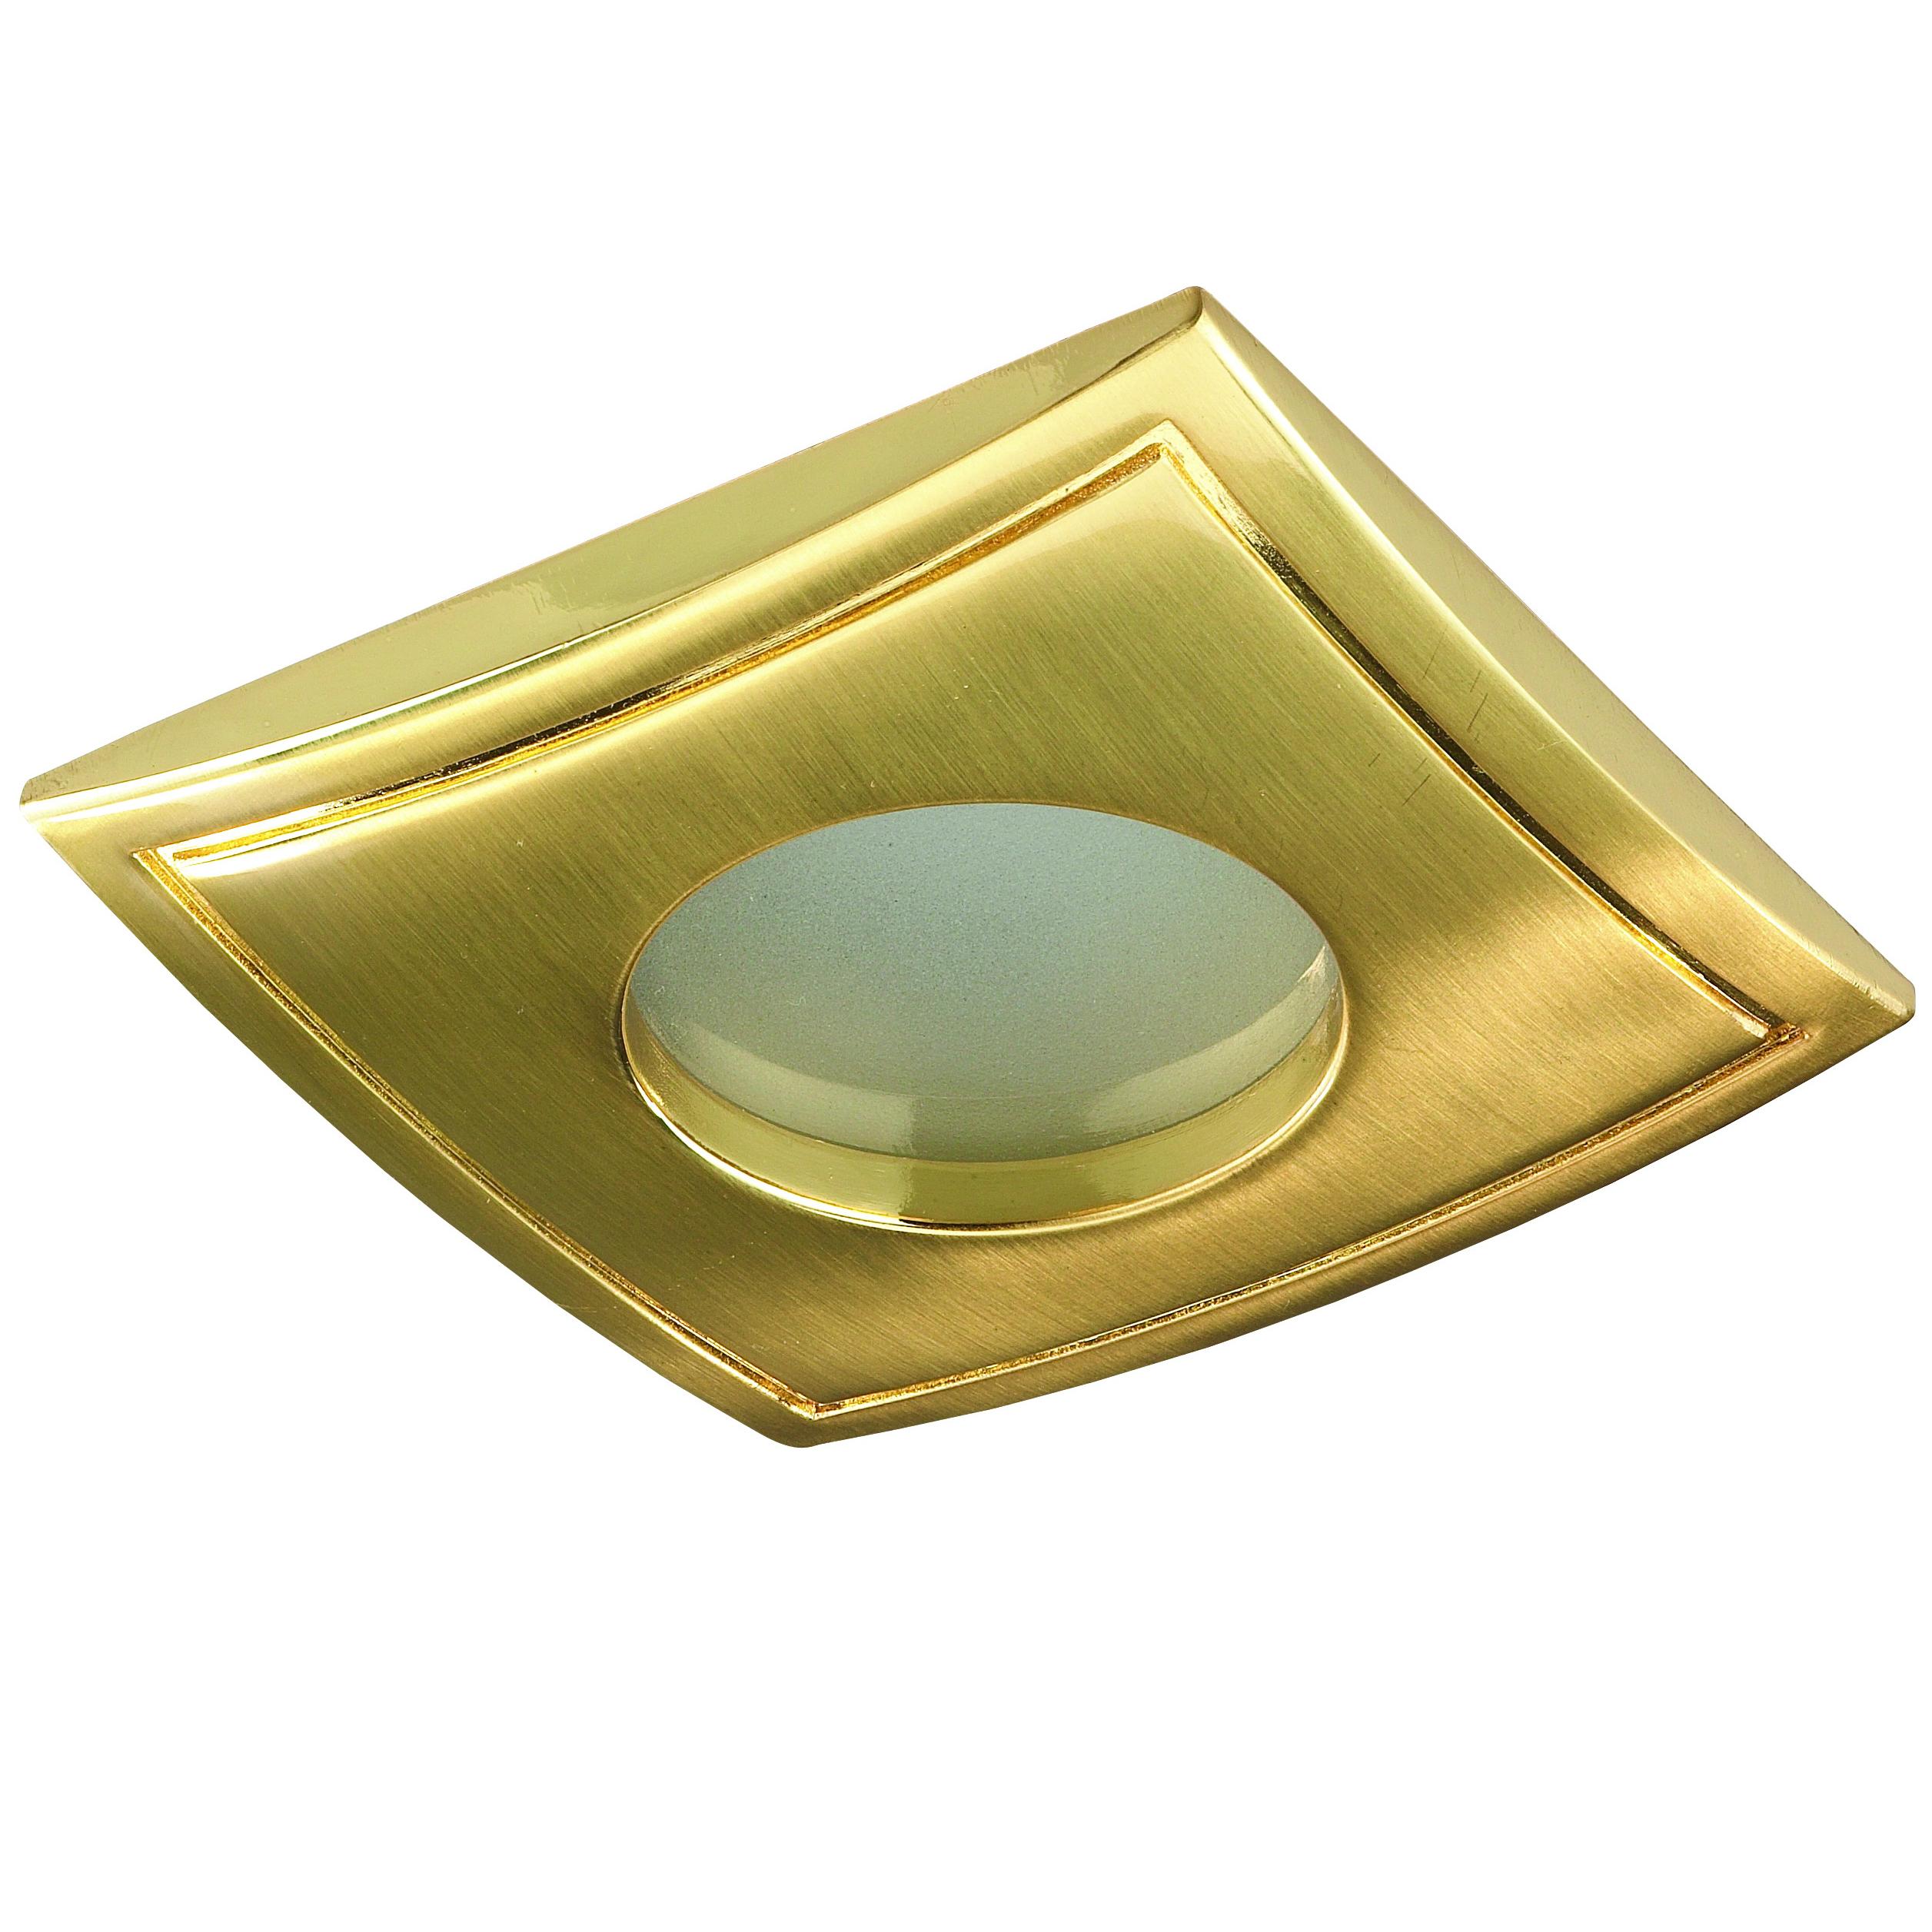 Светильник встраиваемый Novotech Aqua nt09 178 369308 novotech aqua 369303